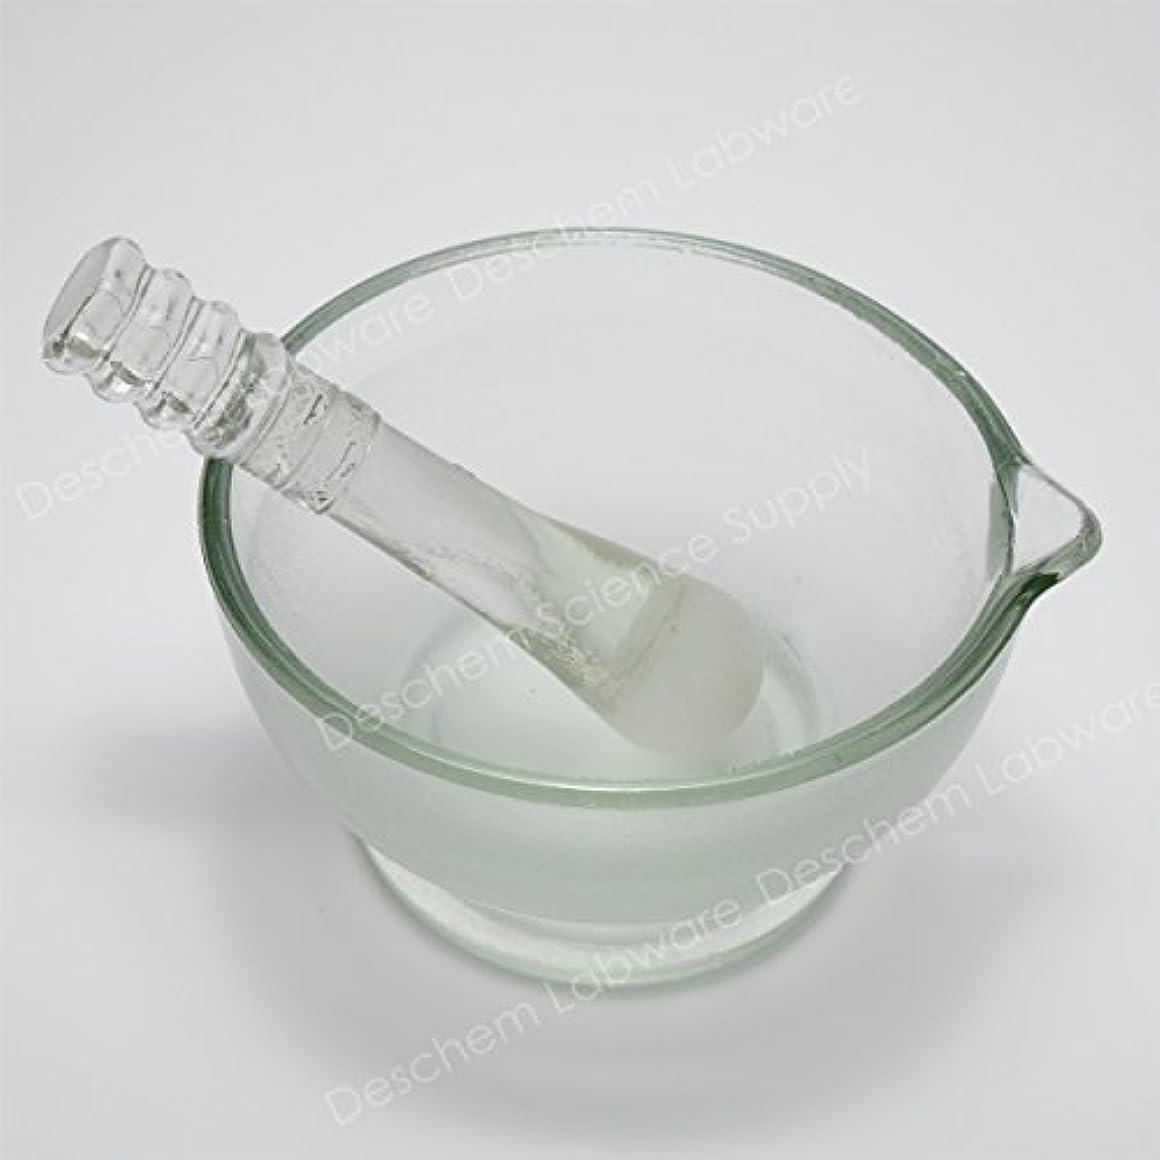 援助する蛇行カレンダーDeschem 120mm 硼珪酸ガラス 乳鉢 棒付 YB-120